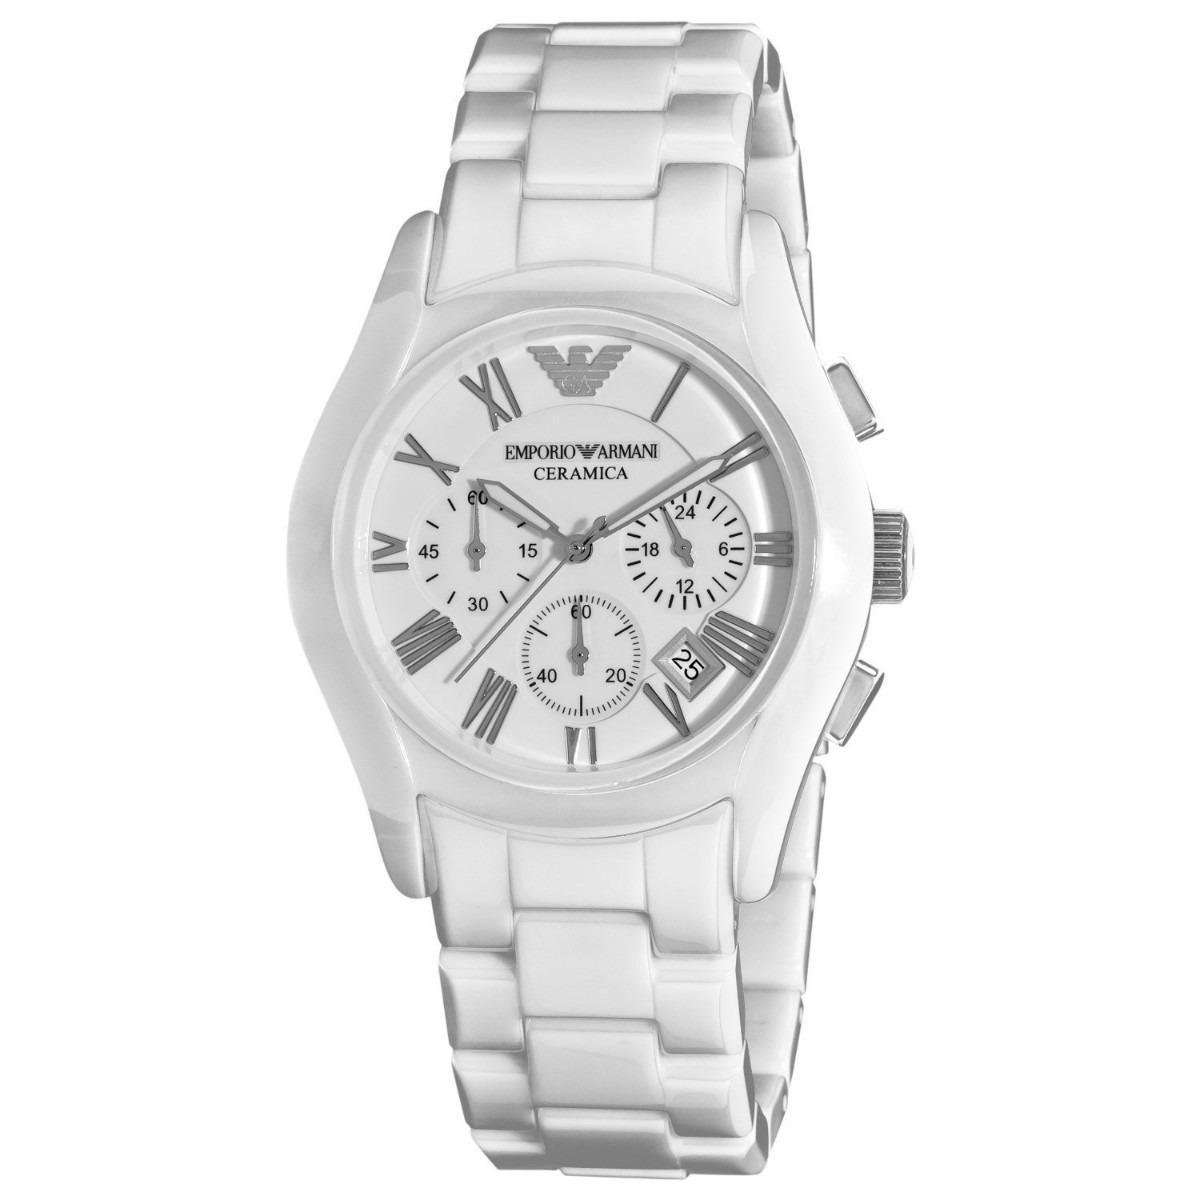 2e27e7a1577 Relógio Emporio Armani Ar1403 Cerâmica Na Caixa Frete Grátis - R  466